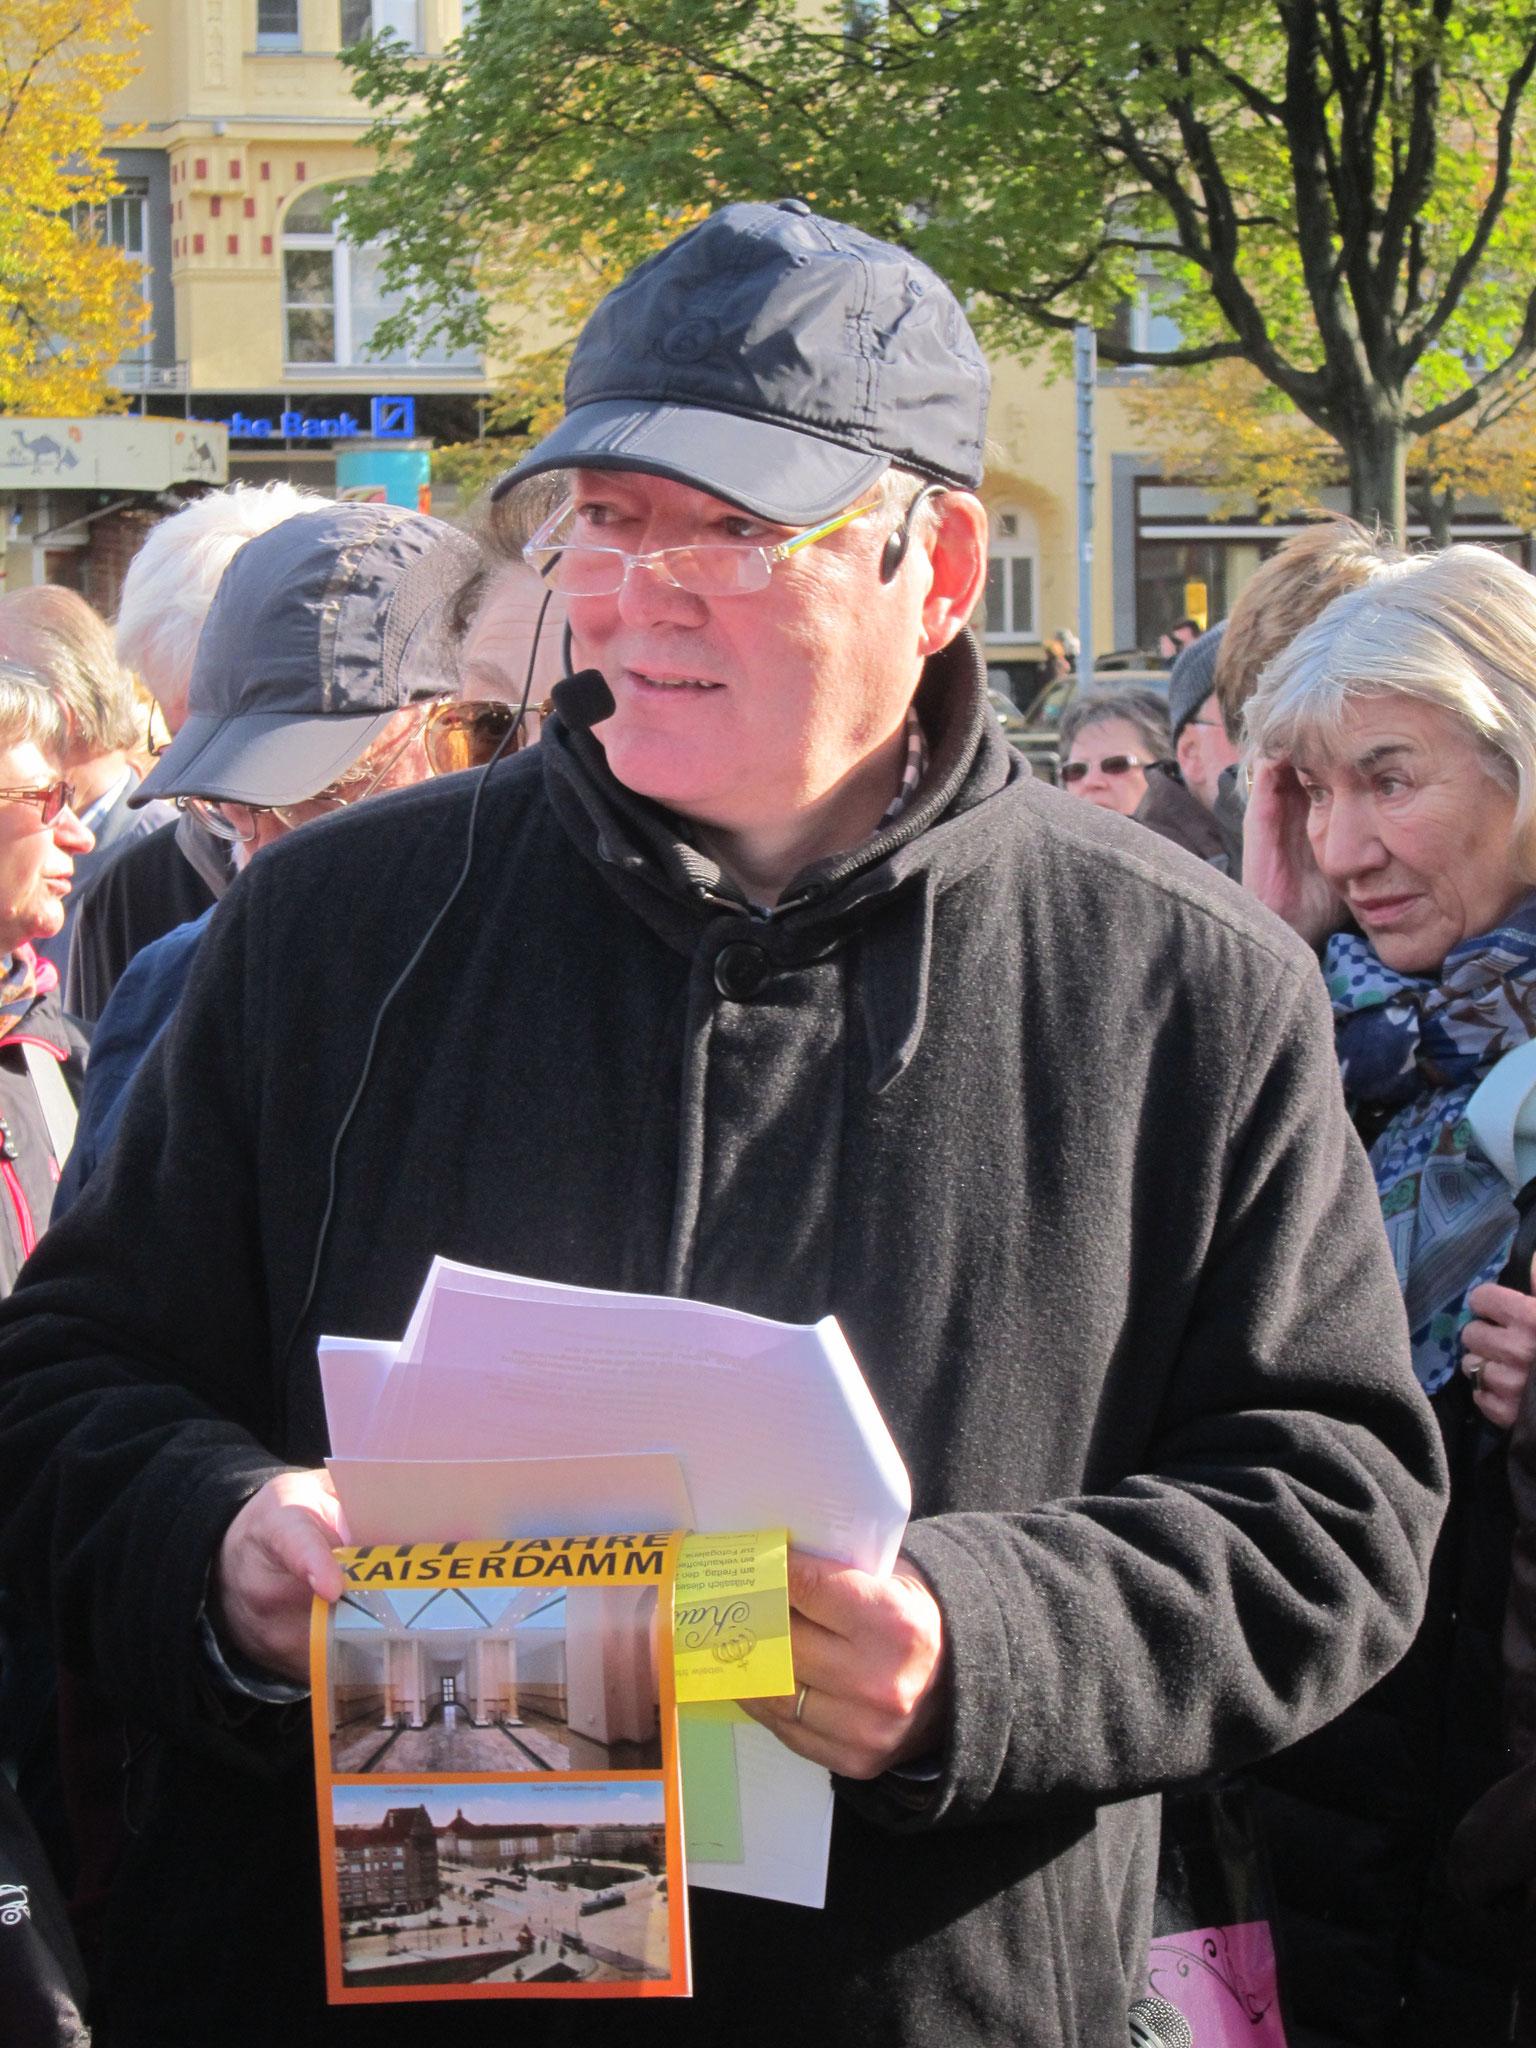 Dipl.-Ing. Wolfgang Jarnot (Bild), Dipl.-Ing. Hans-Ulrich Riedel und Helmut Döring informieren während des Spaziergangs.